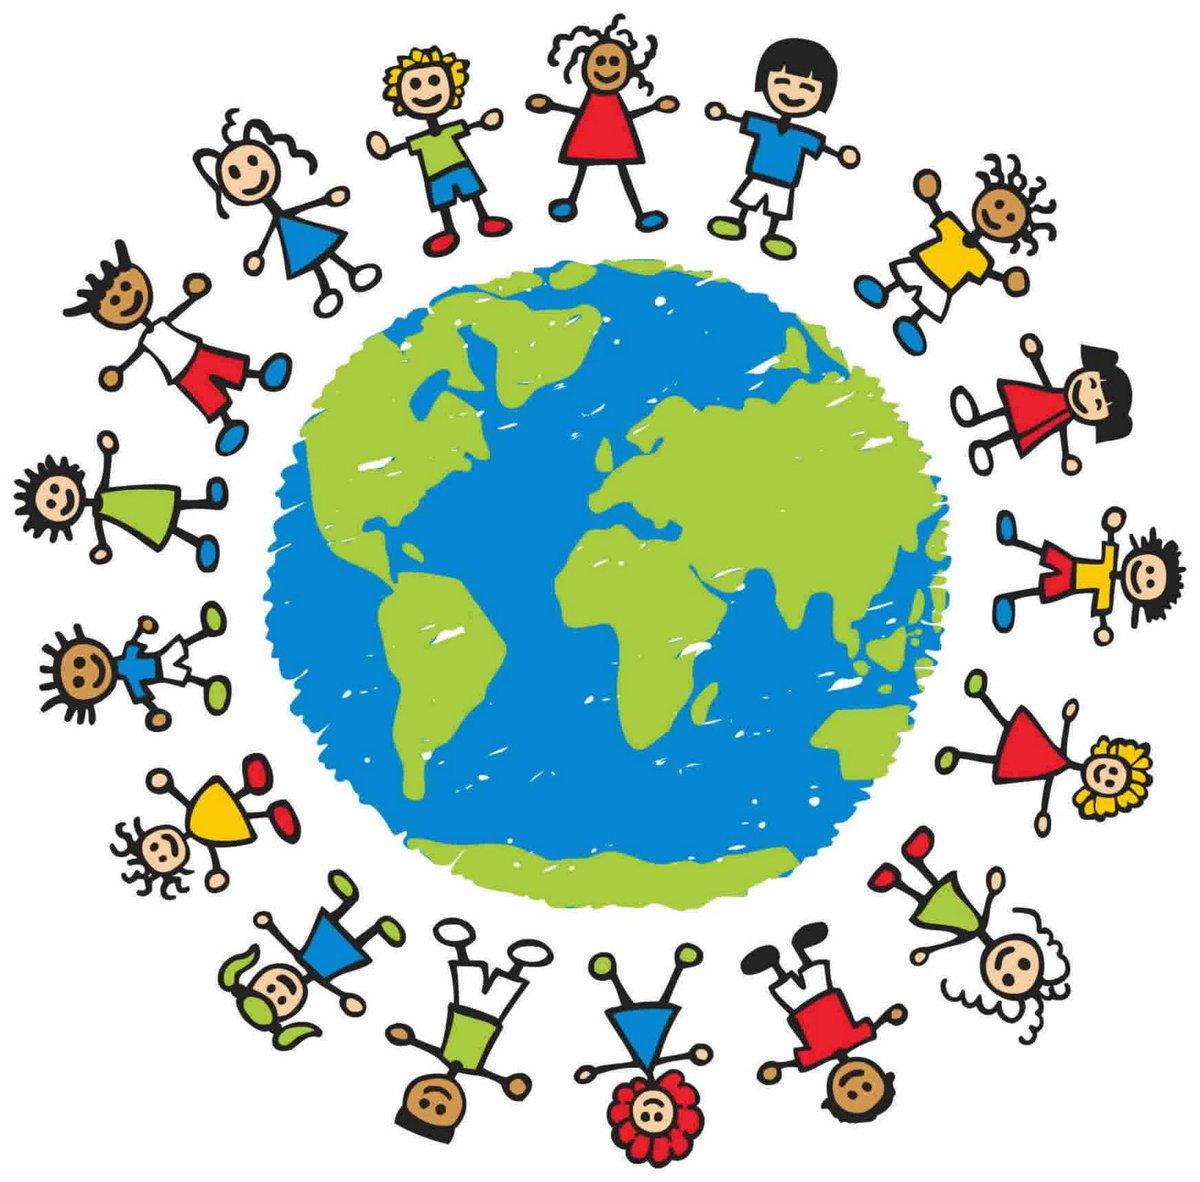 К сожалению не все детское население в этот праздничный день имеет повод для улыбок и радости.